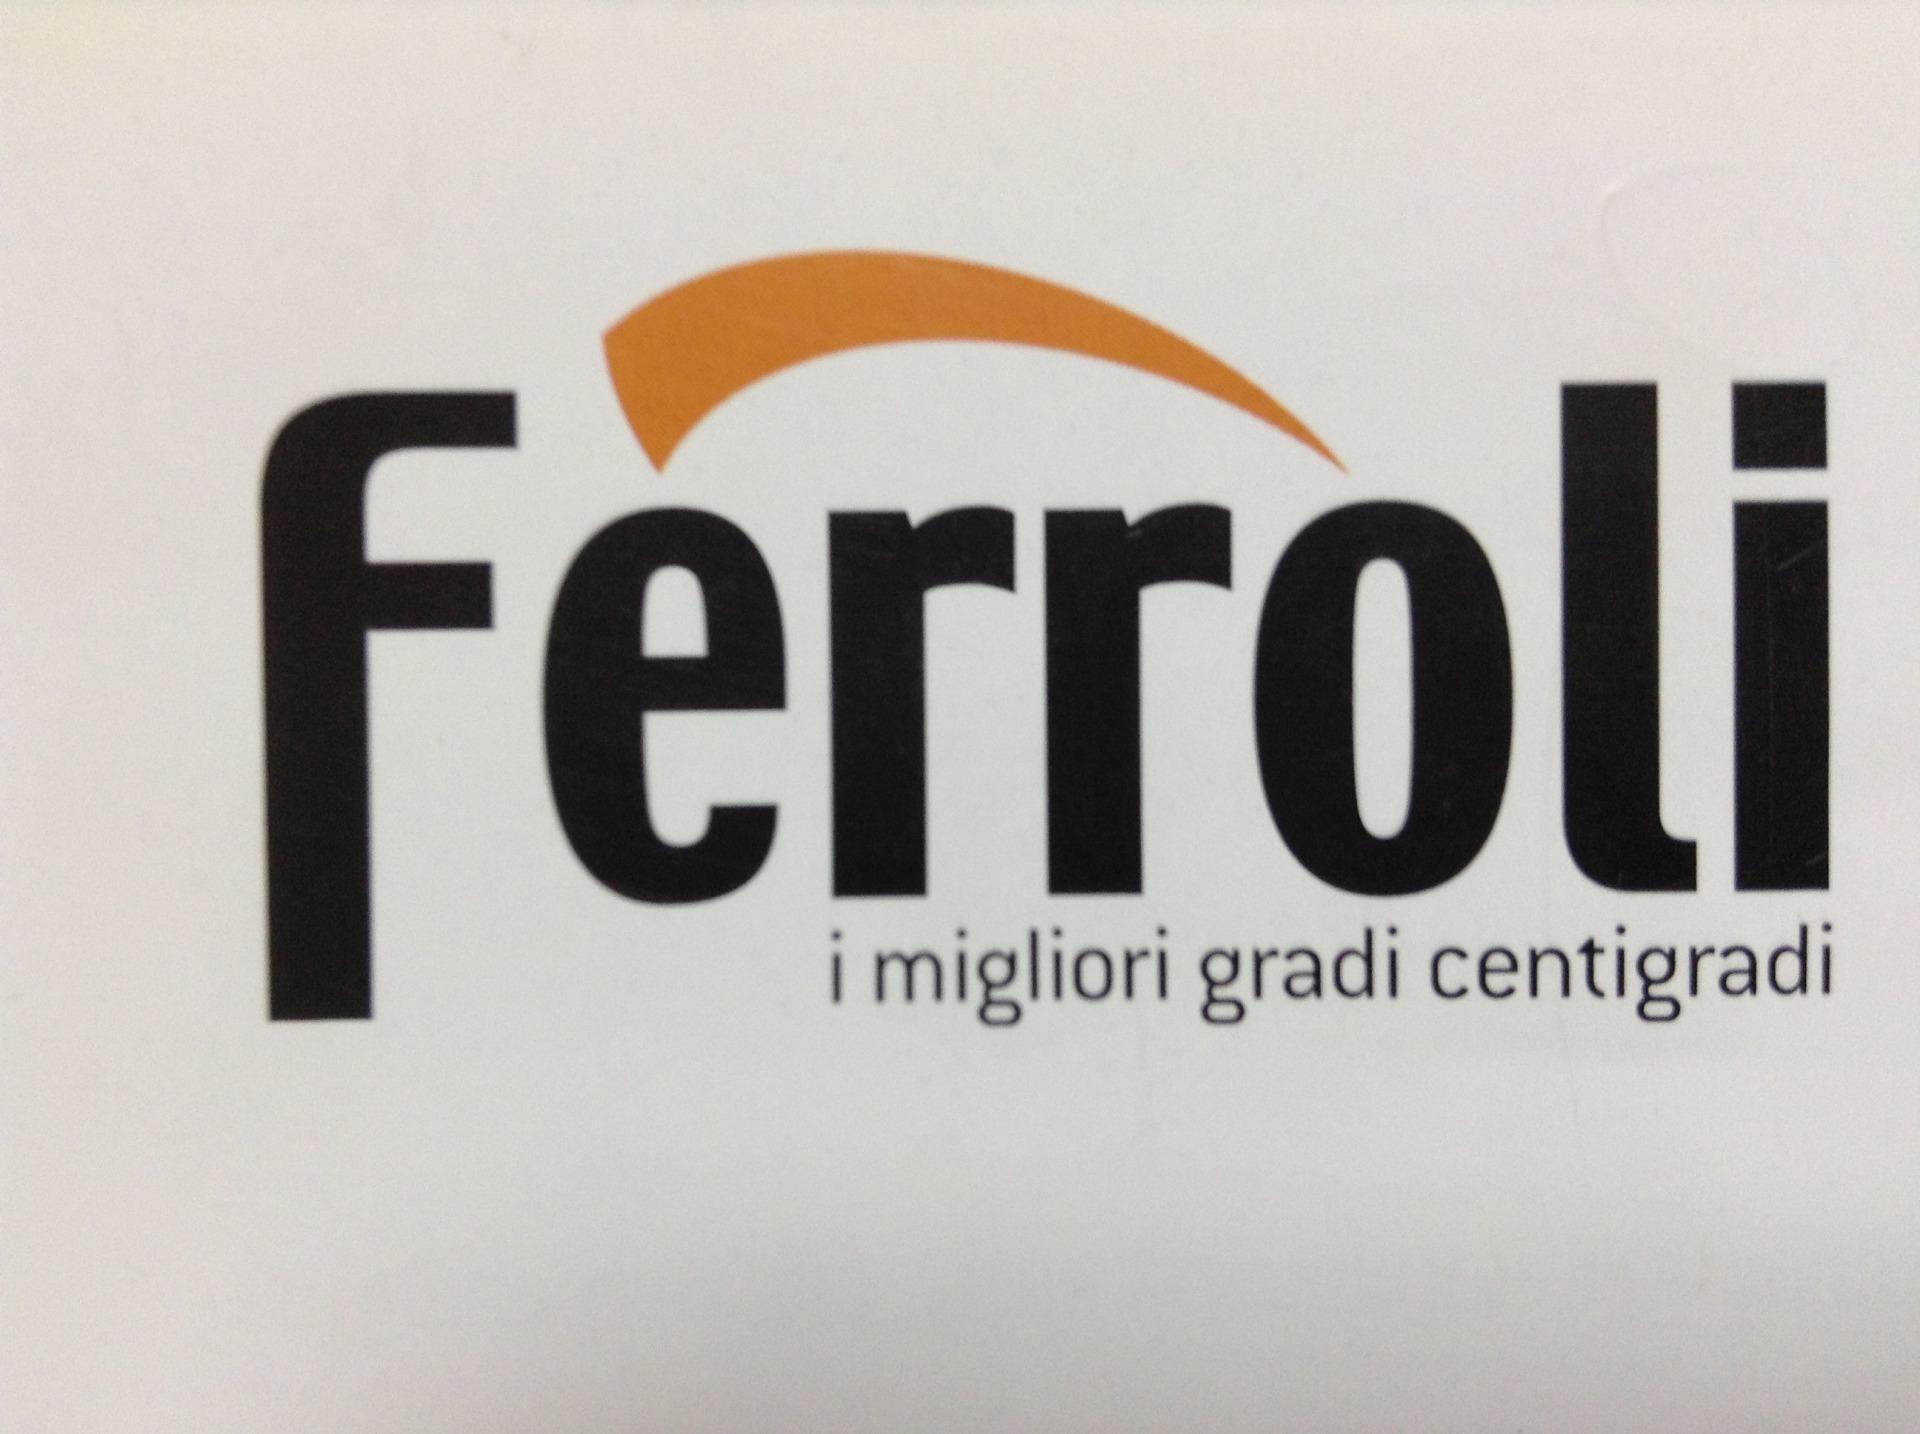 Ferroli , Ферроли